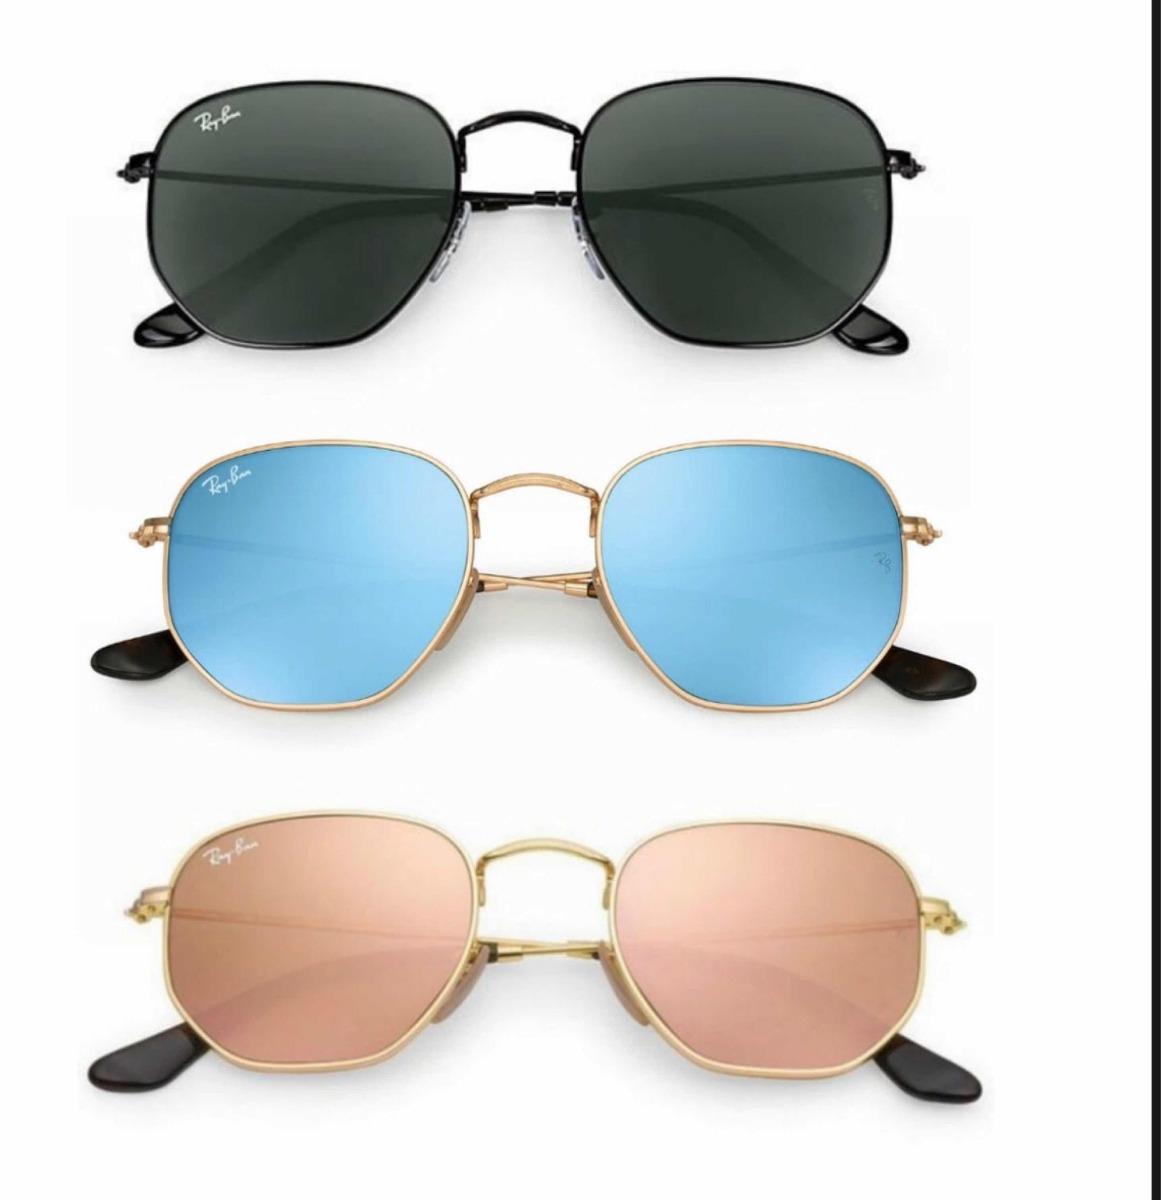 9f06e815605e6 Óculos De Sol Modelos Ray Ban Modelos Novos - R  119